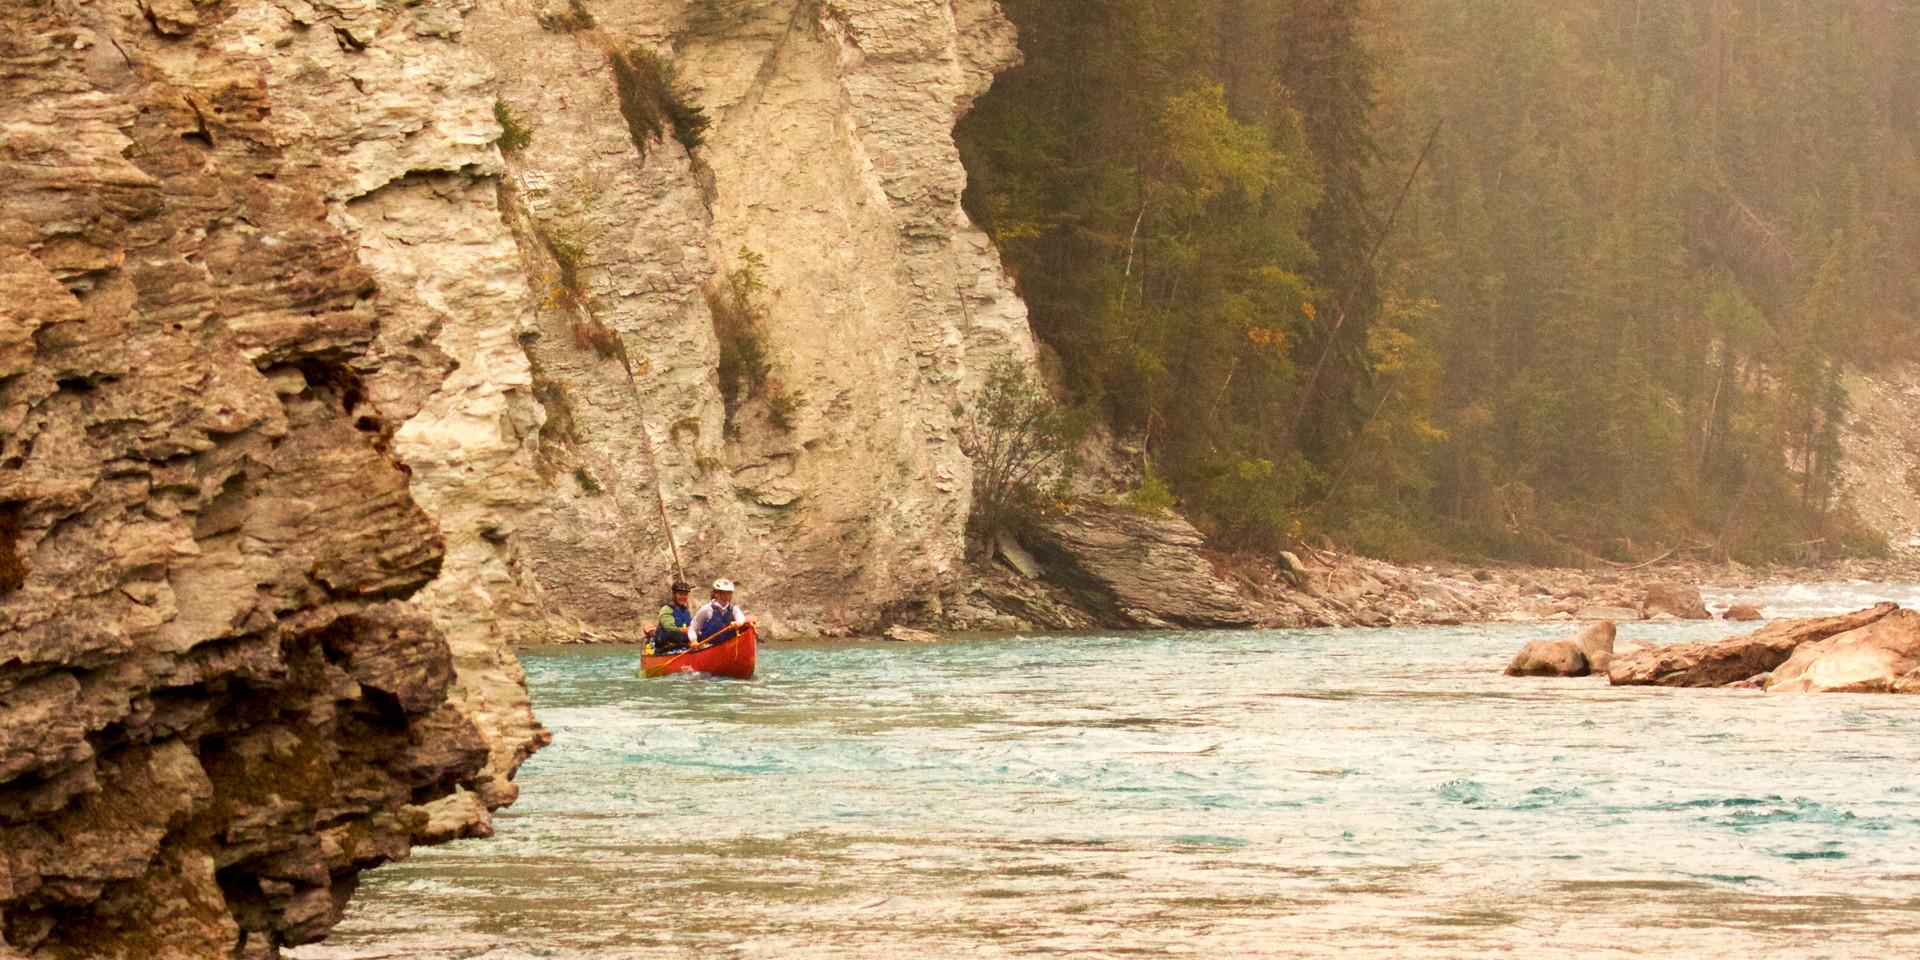 The senic Kootenay River